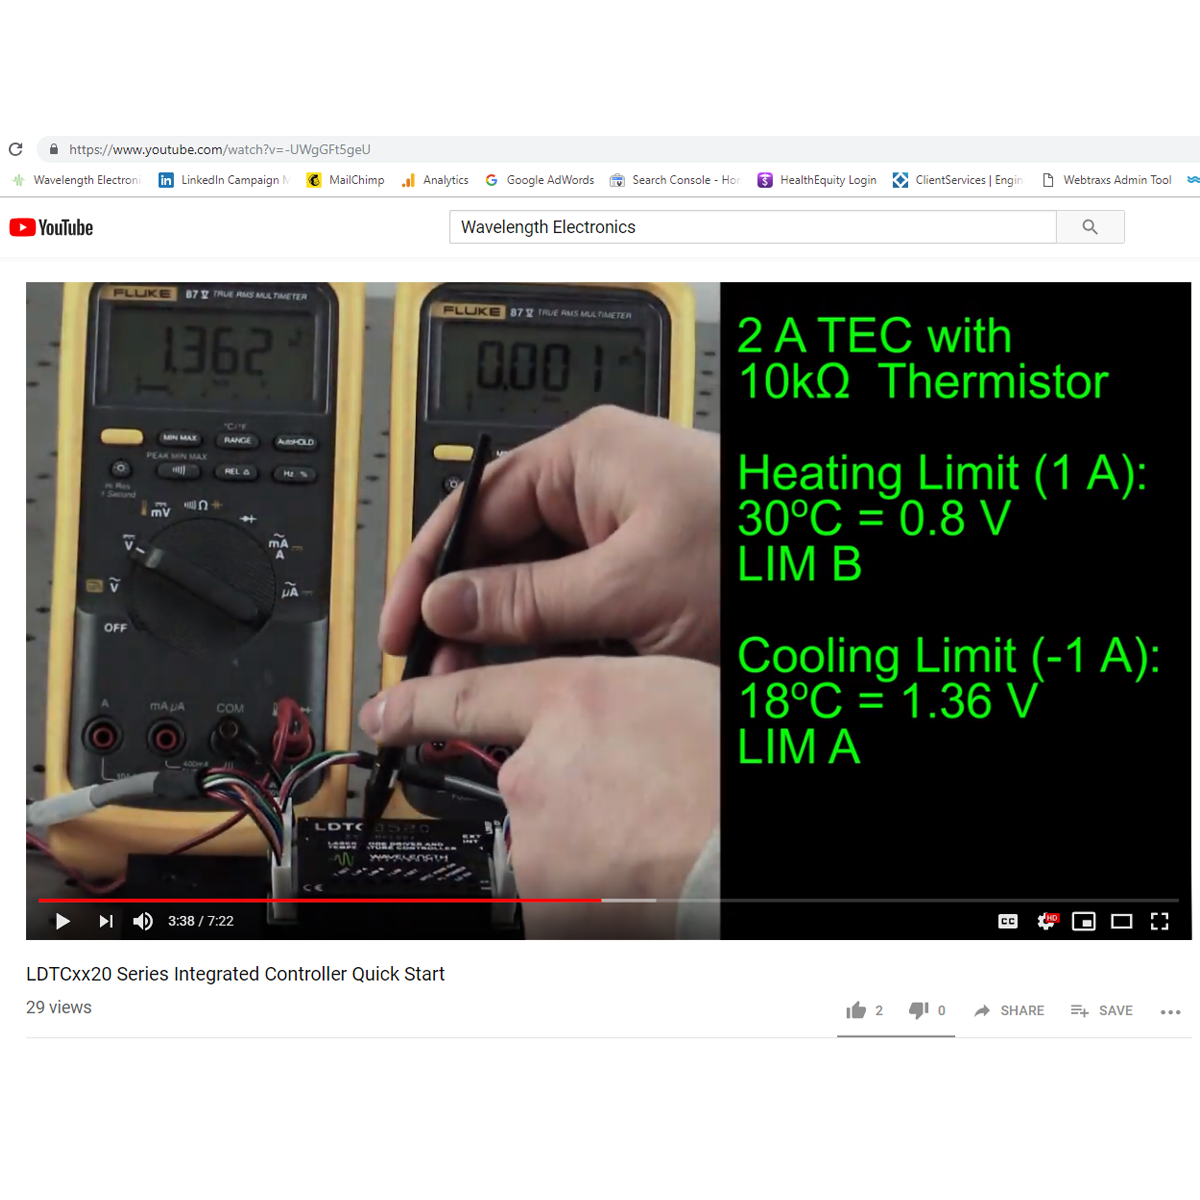 VIDEO: LDTCxx20 Series Integrated Laser Diode Controller Quick Start